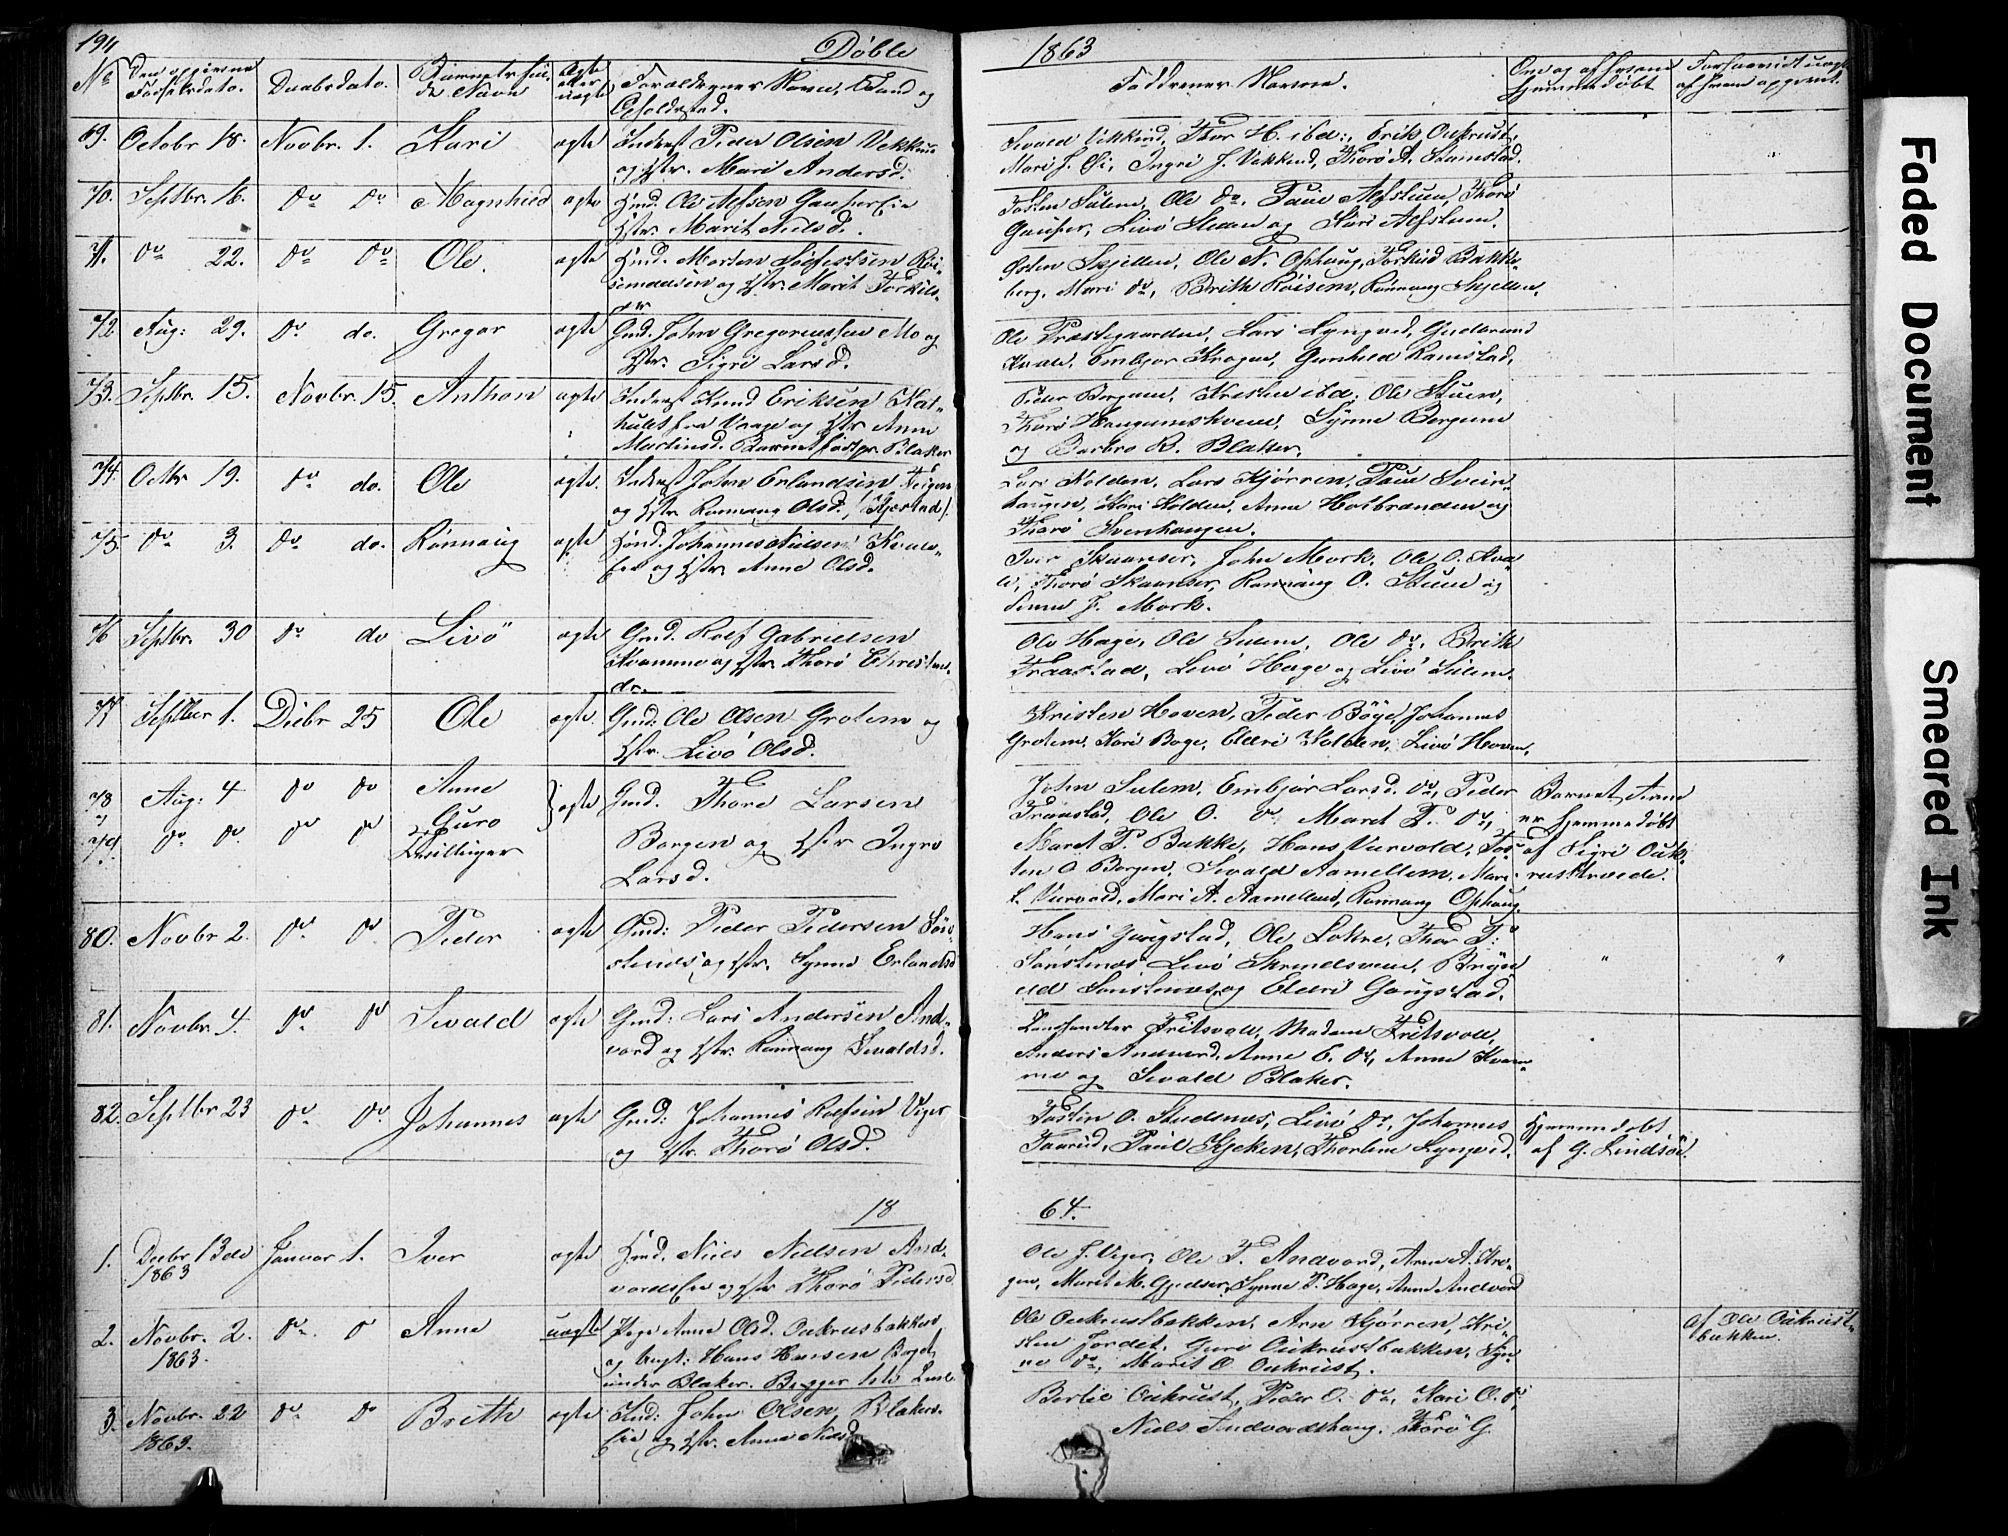 SAH, Lom prestekontor, L/L0012: Klokkerbok nr. 12, 1845-1873, s. 194-195